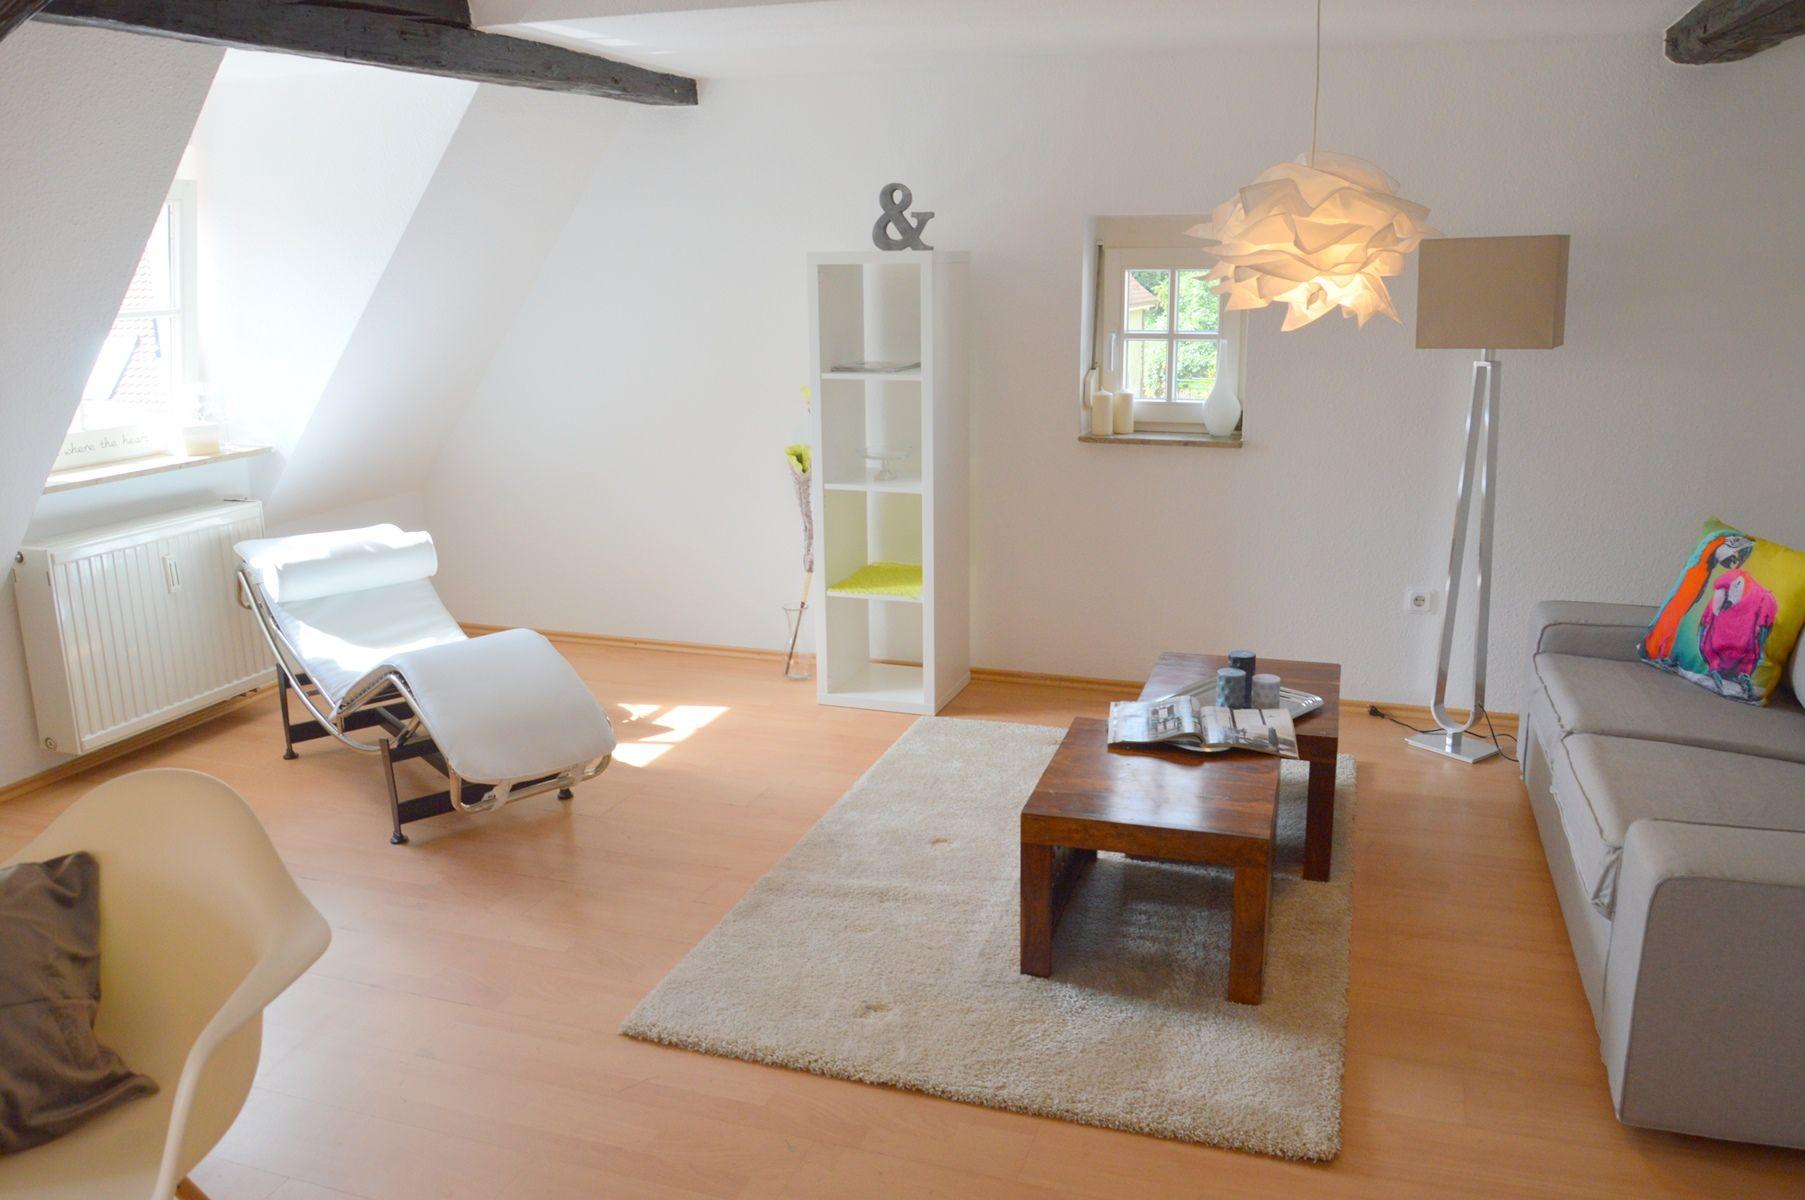 schones porta wohnzimmer website bild und bbeddfbfccddf